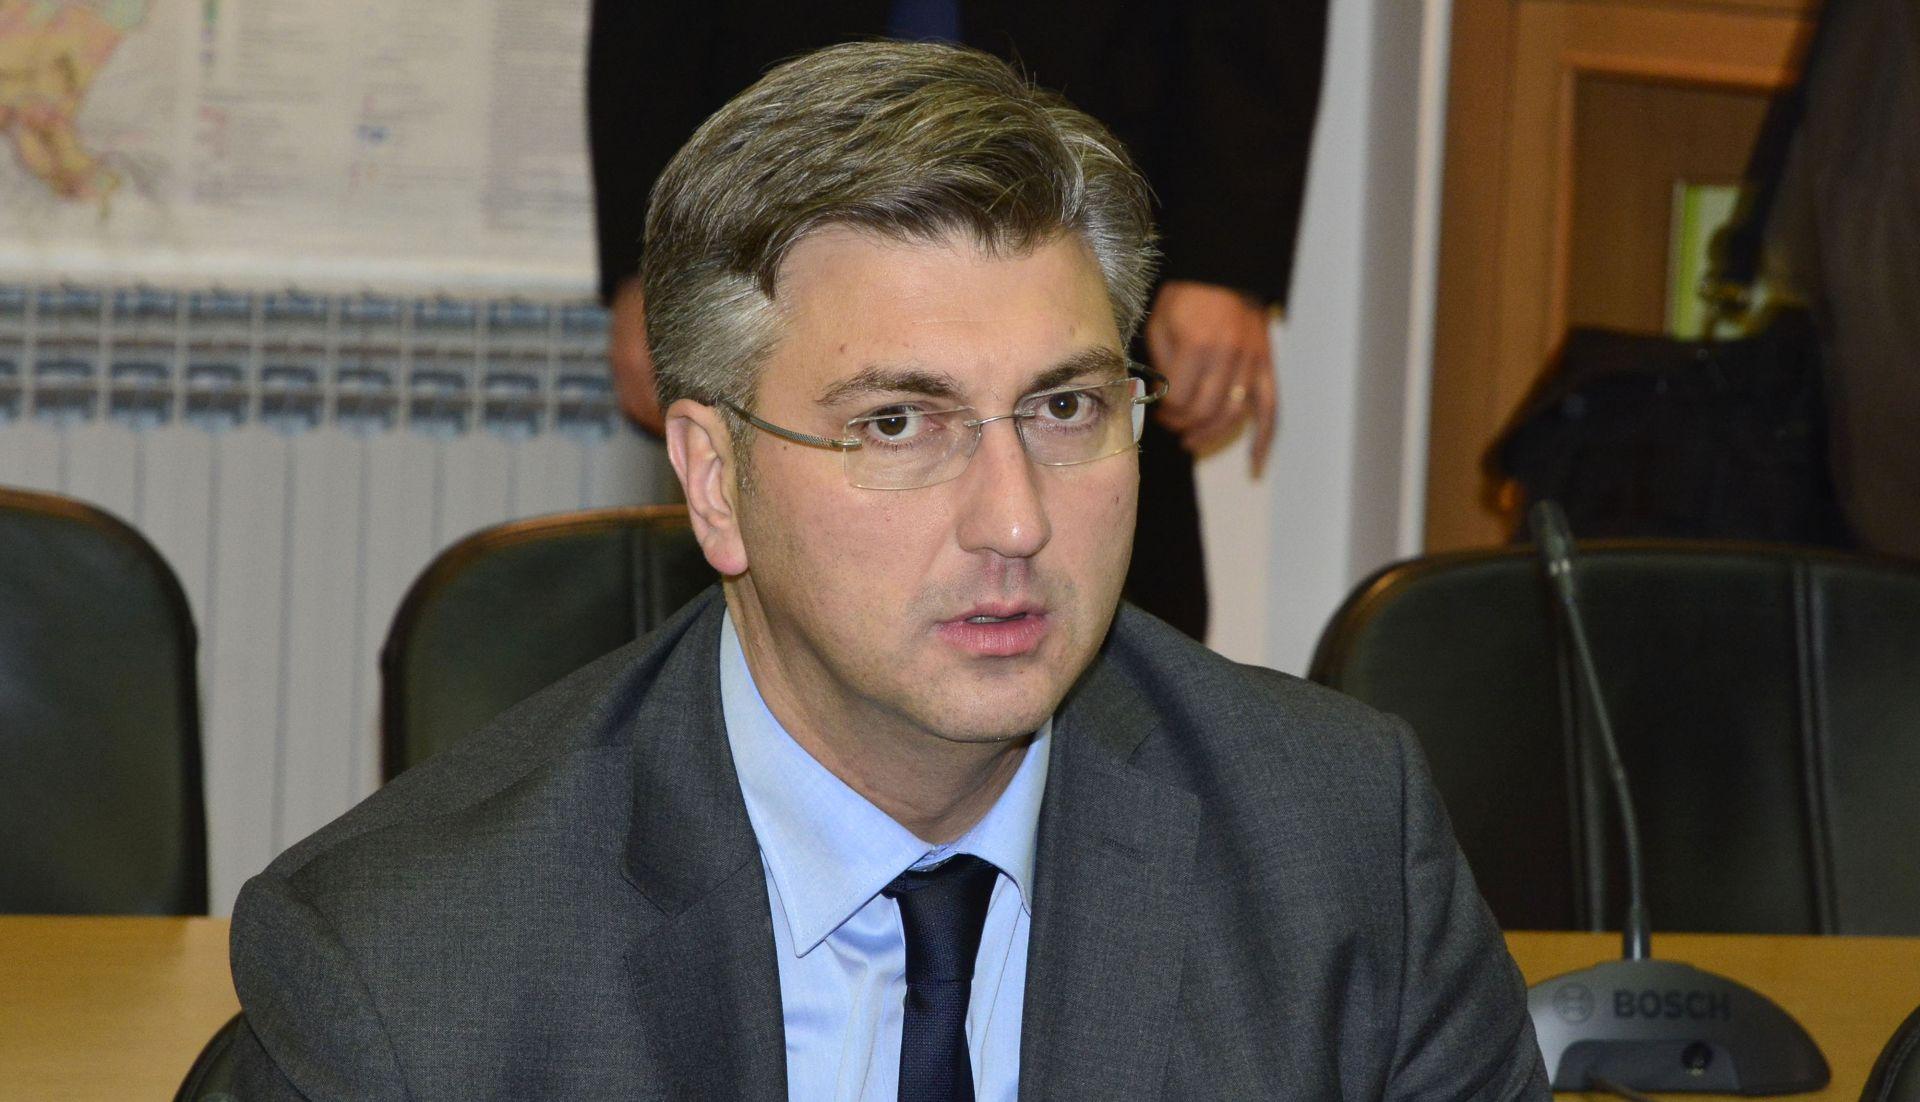 Plenković: Međusobnim uvažavanjem i partnerstvom nastaviti graditi moderno društvo